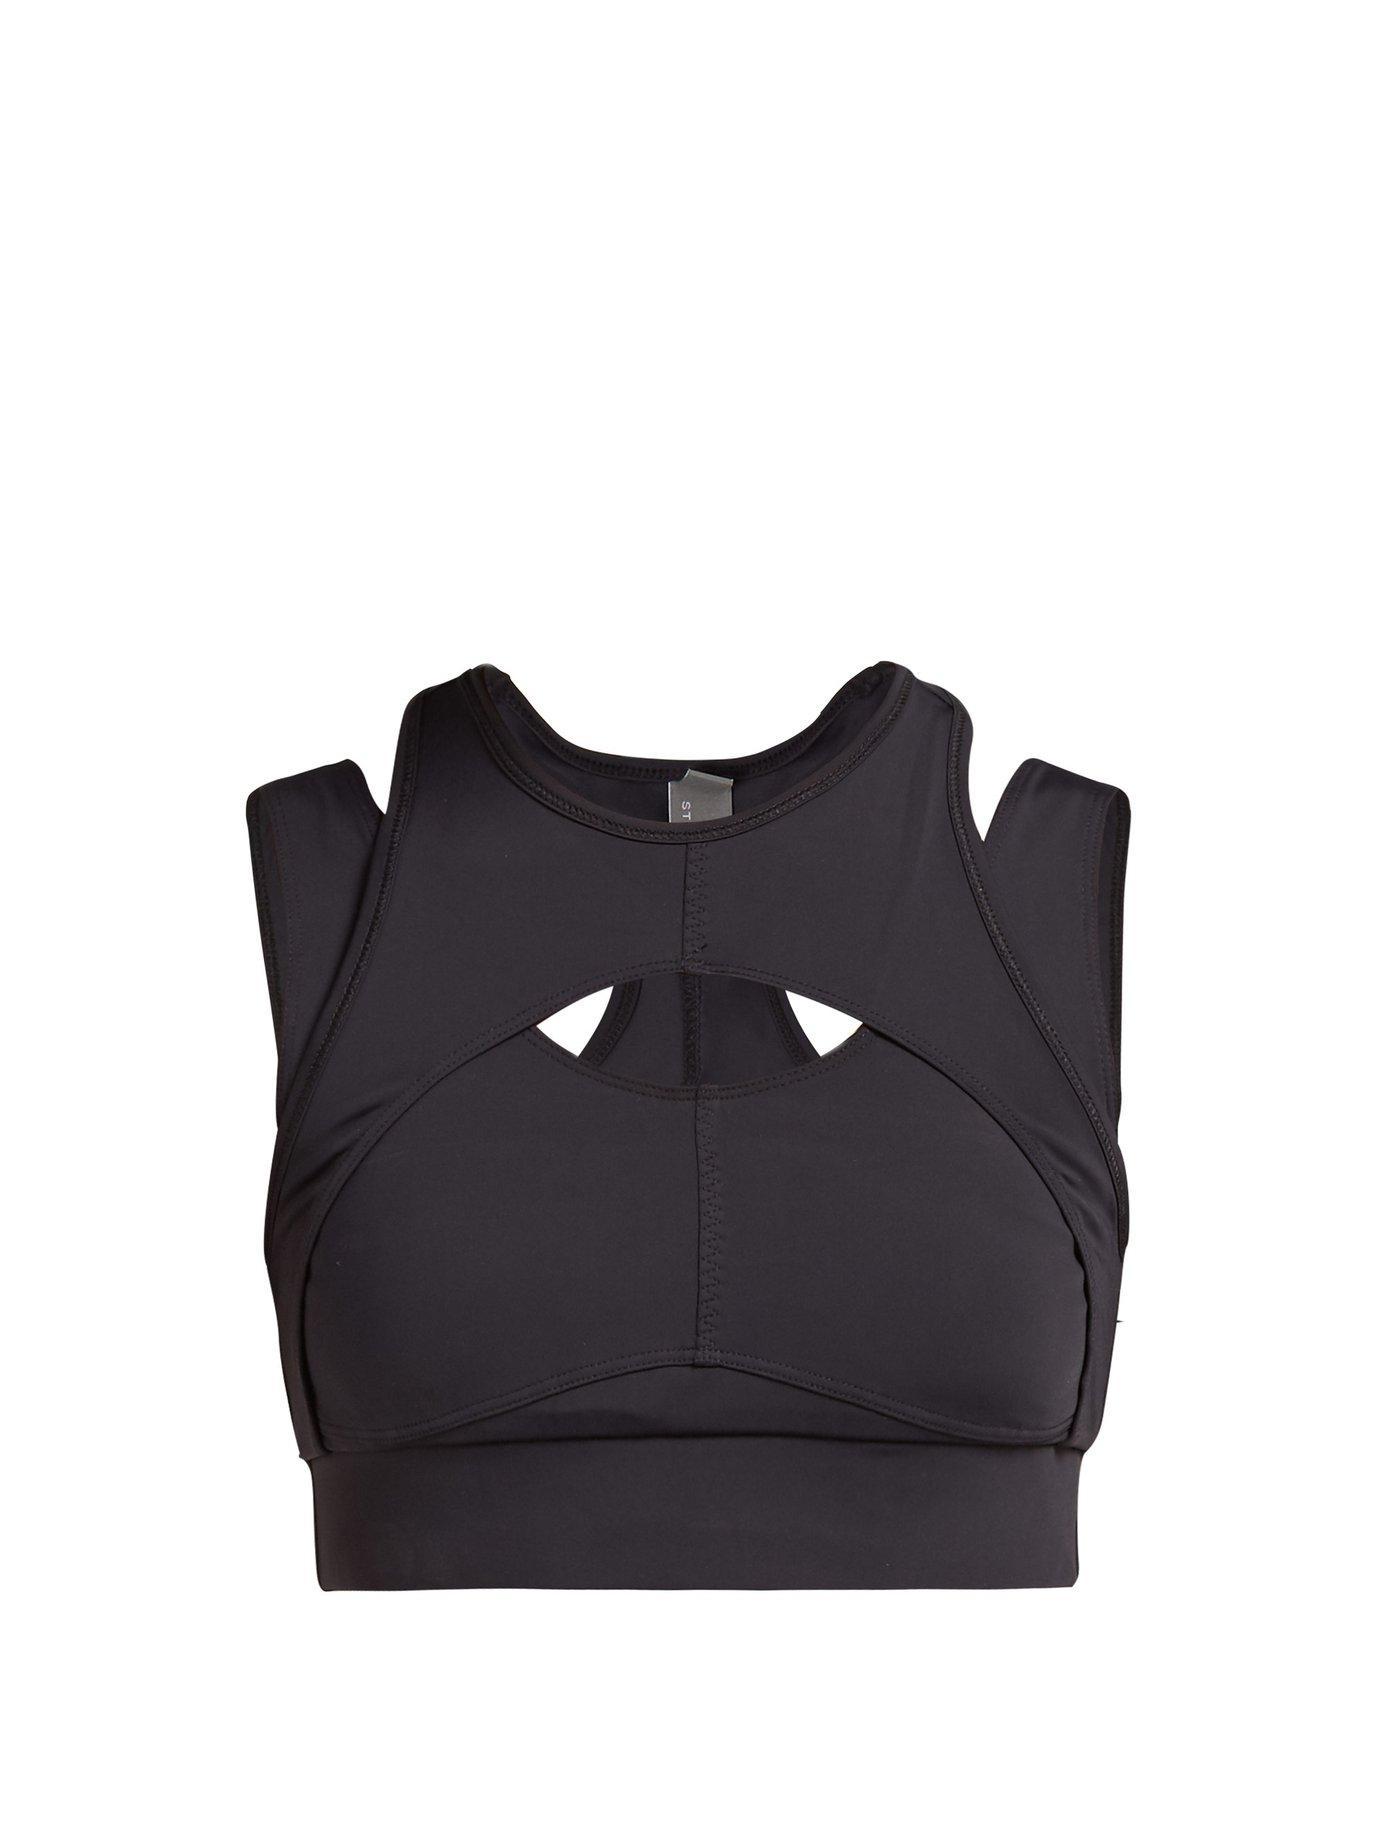 90baee4713 Lyst - adidas By Stella McCartney Triathlon Crop Top in Black